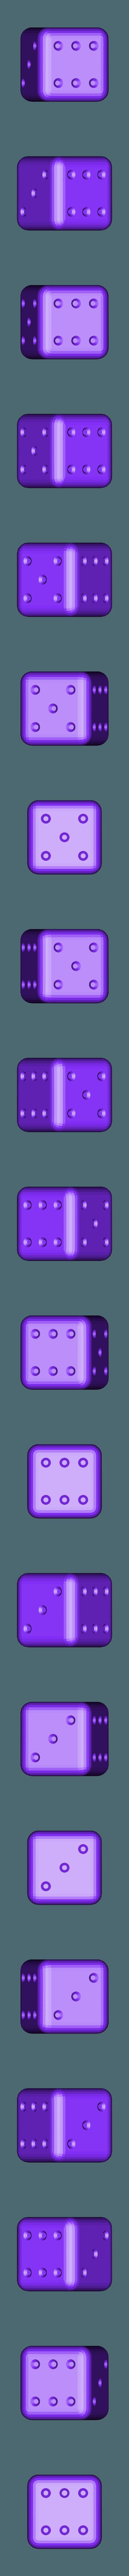 01-de.stl Download free STL file dice, stuffing article • 3D printable model, honorin